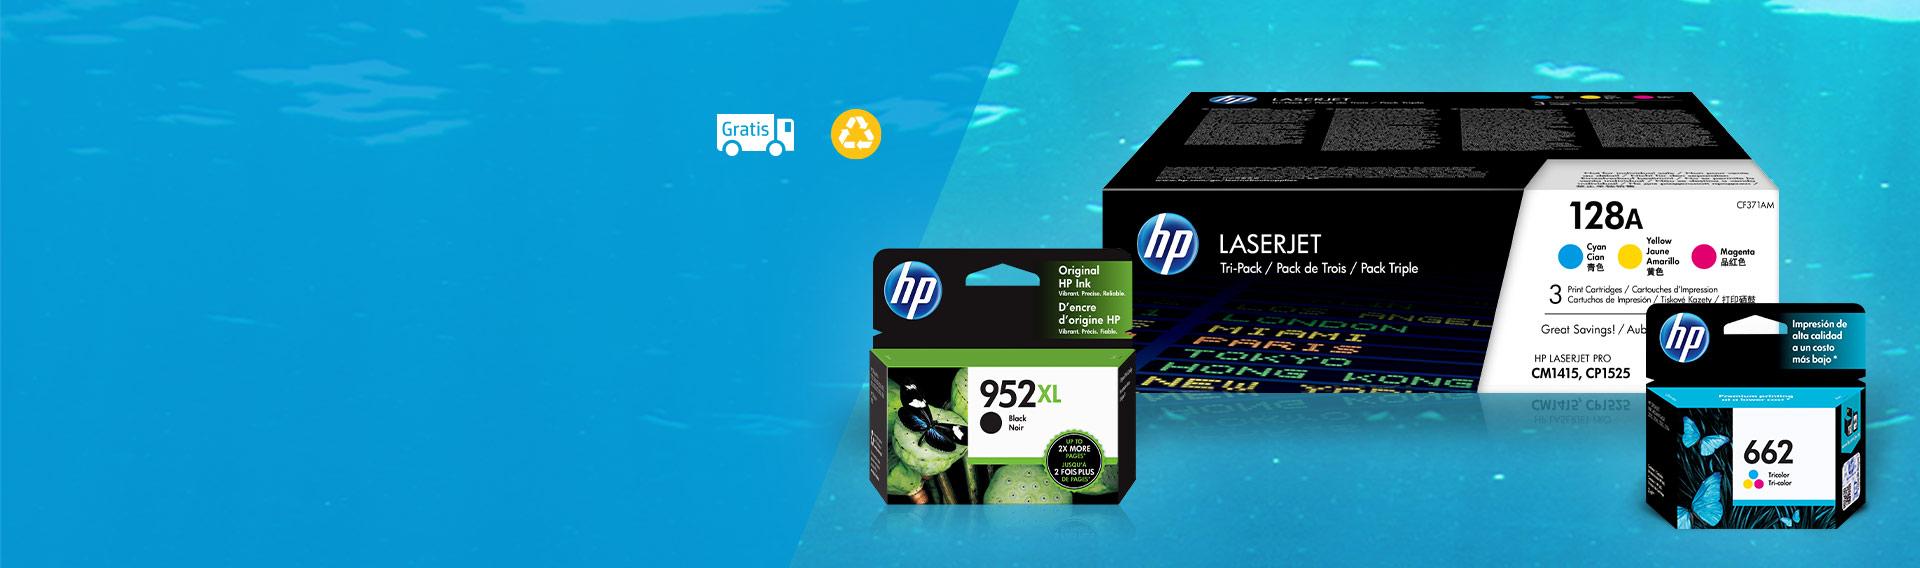 Cartuchos originales HP con hasta 10%* dcto.